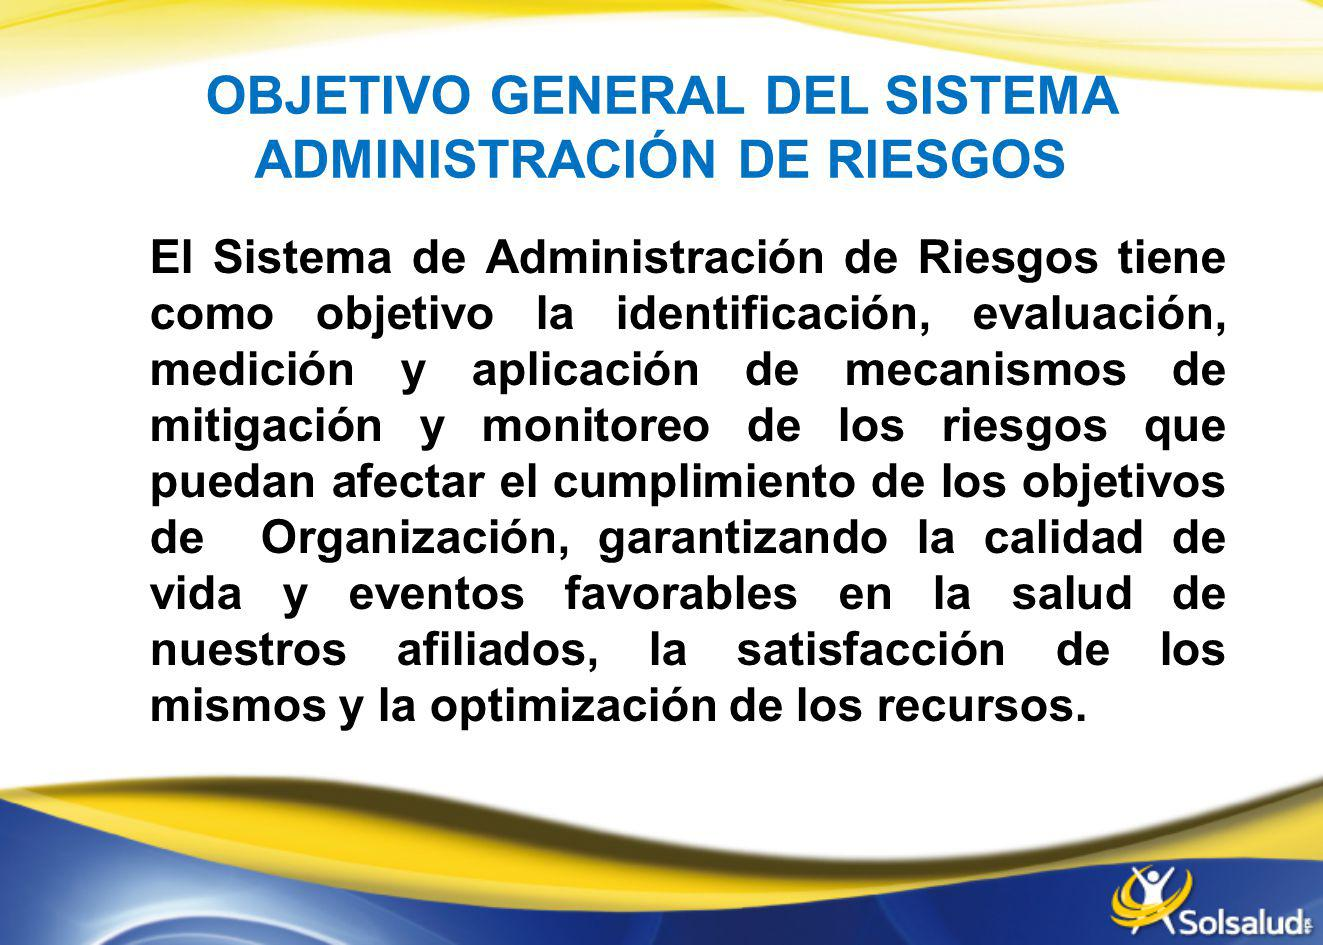 RIPS EVENTOS ADVERSOS REPORTADOS POR LAS IPS AUTORIZACIONES SITUACIÓN DE SALUD RESULTADOS DE INDICADORES DE CALIDAD DE LA ATENCIÓN EN SALUD PERFIL DEMOGRAFICO Y EPIDEMIOLOGICO PATOLOGIA QUE REPRESENTAN MAYOR IMPACTO EN LA OPERACIÓN DE LA ORGANIZACIÓN SOLSALUD EPS UTILIZA LA SIGUIENTE INFORMACIÓN BASE, PARA LA IDENTIFICACACIÓN Y PRIORIZACIÓN DE LOS RIESGOS EN SALUD DE LA POBLACIÓN A SU CARGO.